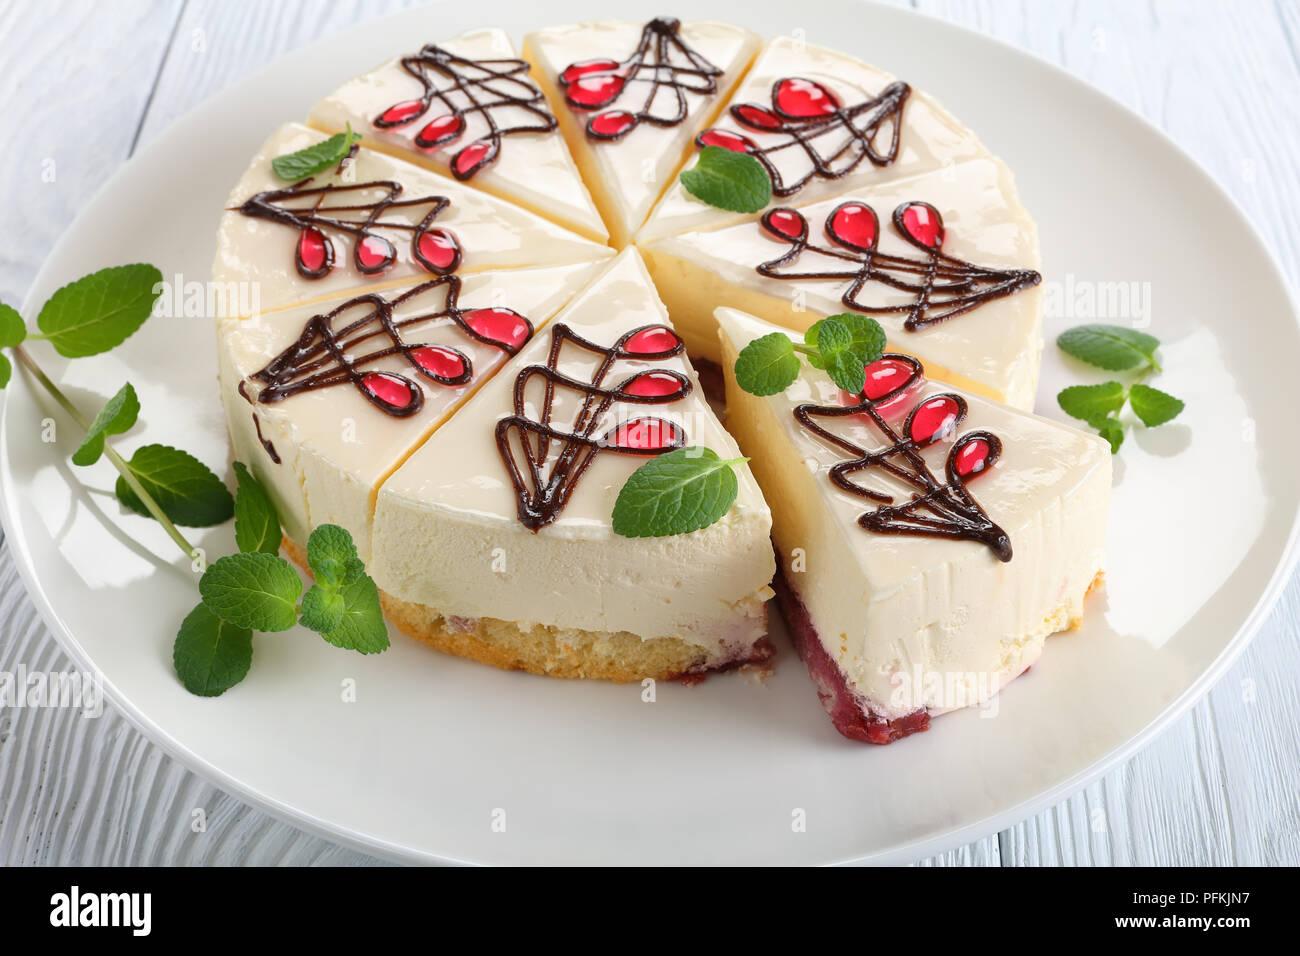 Nahaufnahme der kunstvoll mit Schokolade verziert und Gelee Käsekuchen mit untere Schicht besteht aus biskuitteig mit Berry Soße, auf weissem platter auf Woo Stockbild